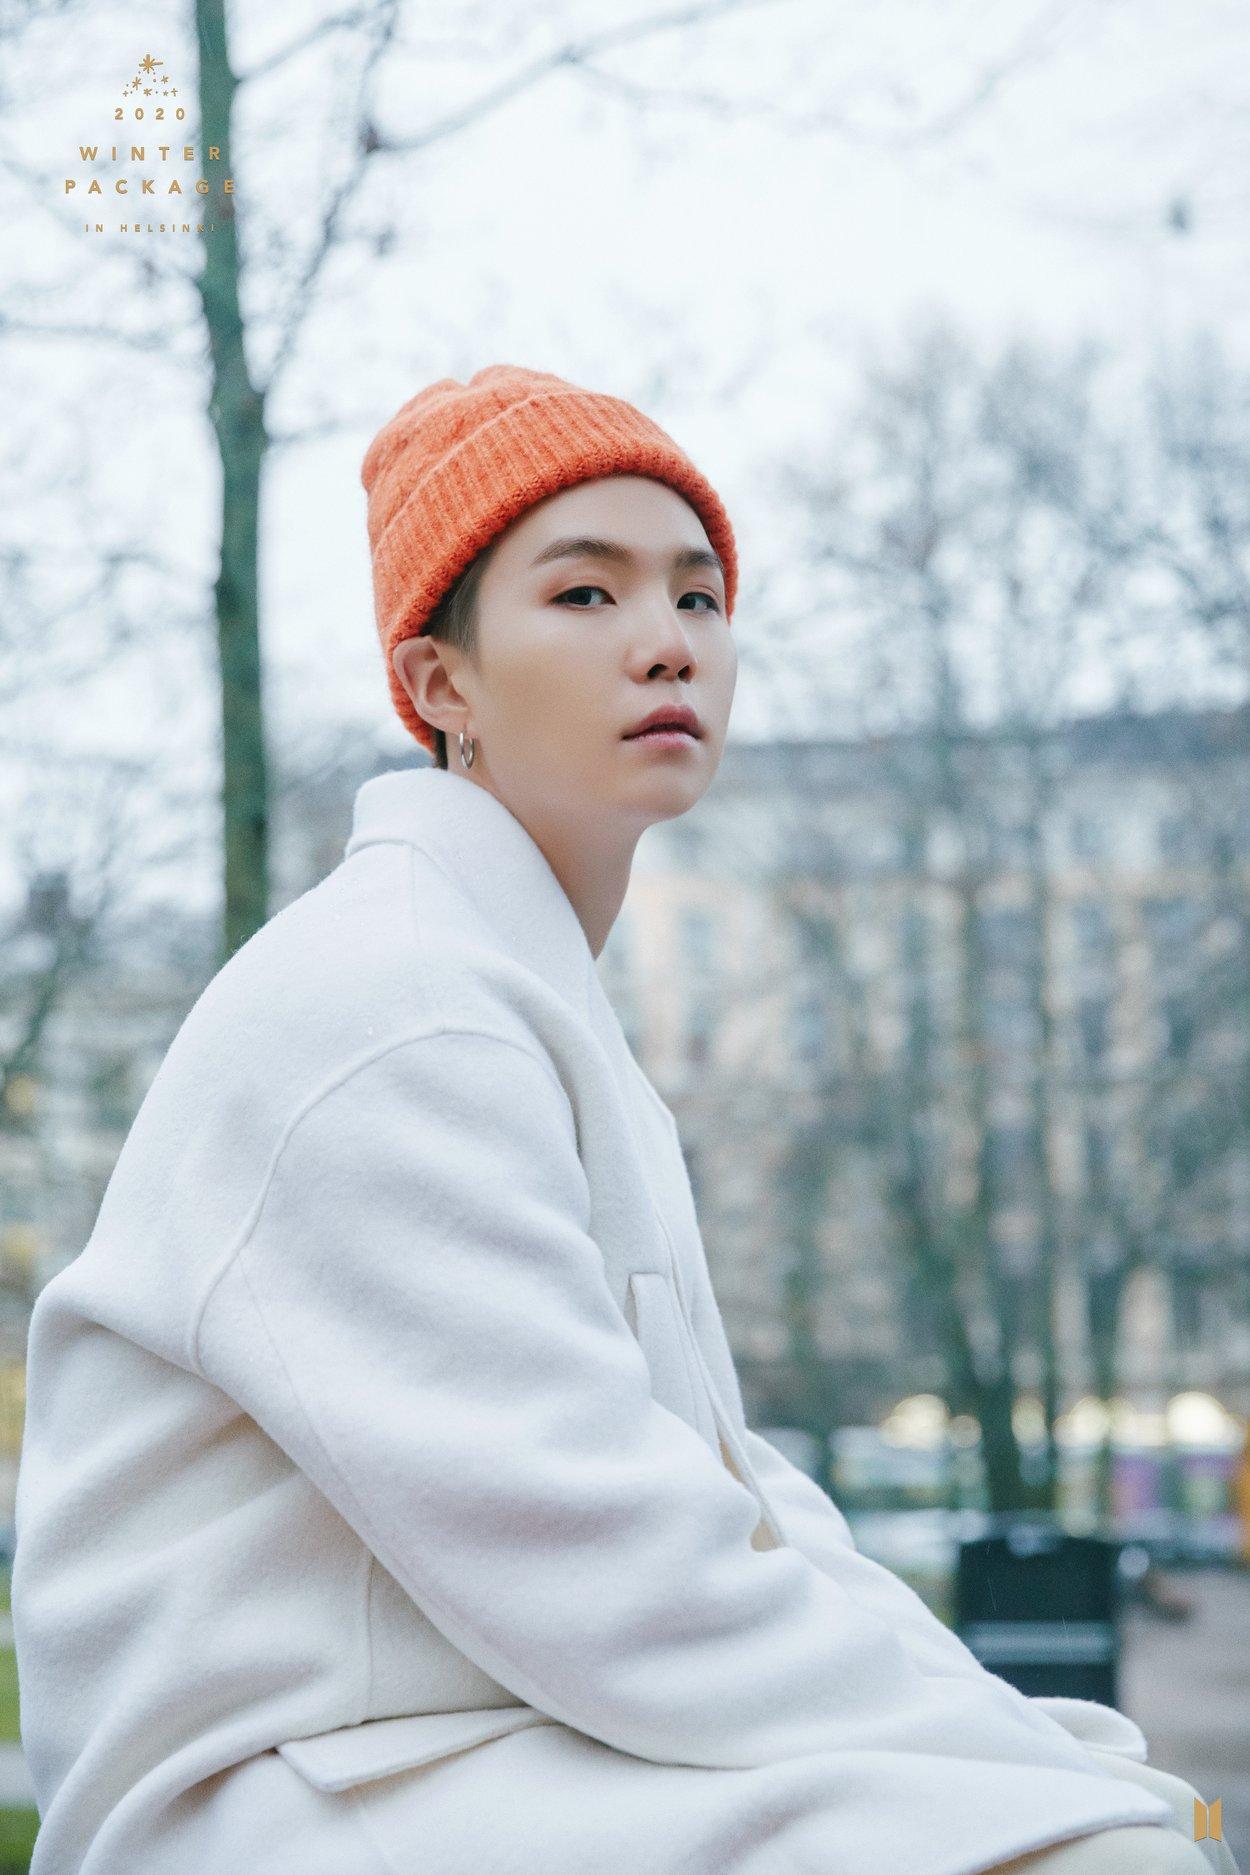 BTS Winter Package 2020 Suga